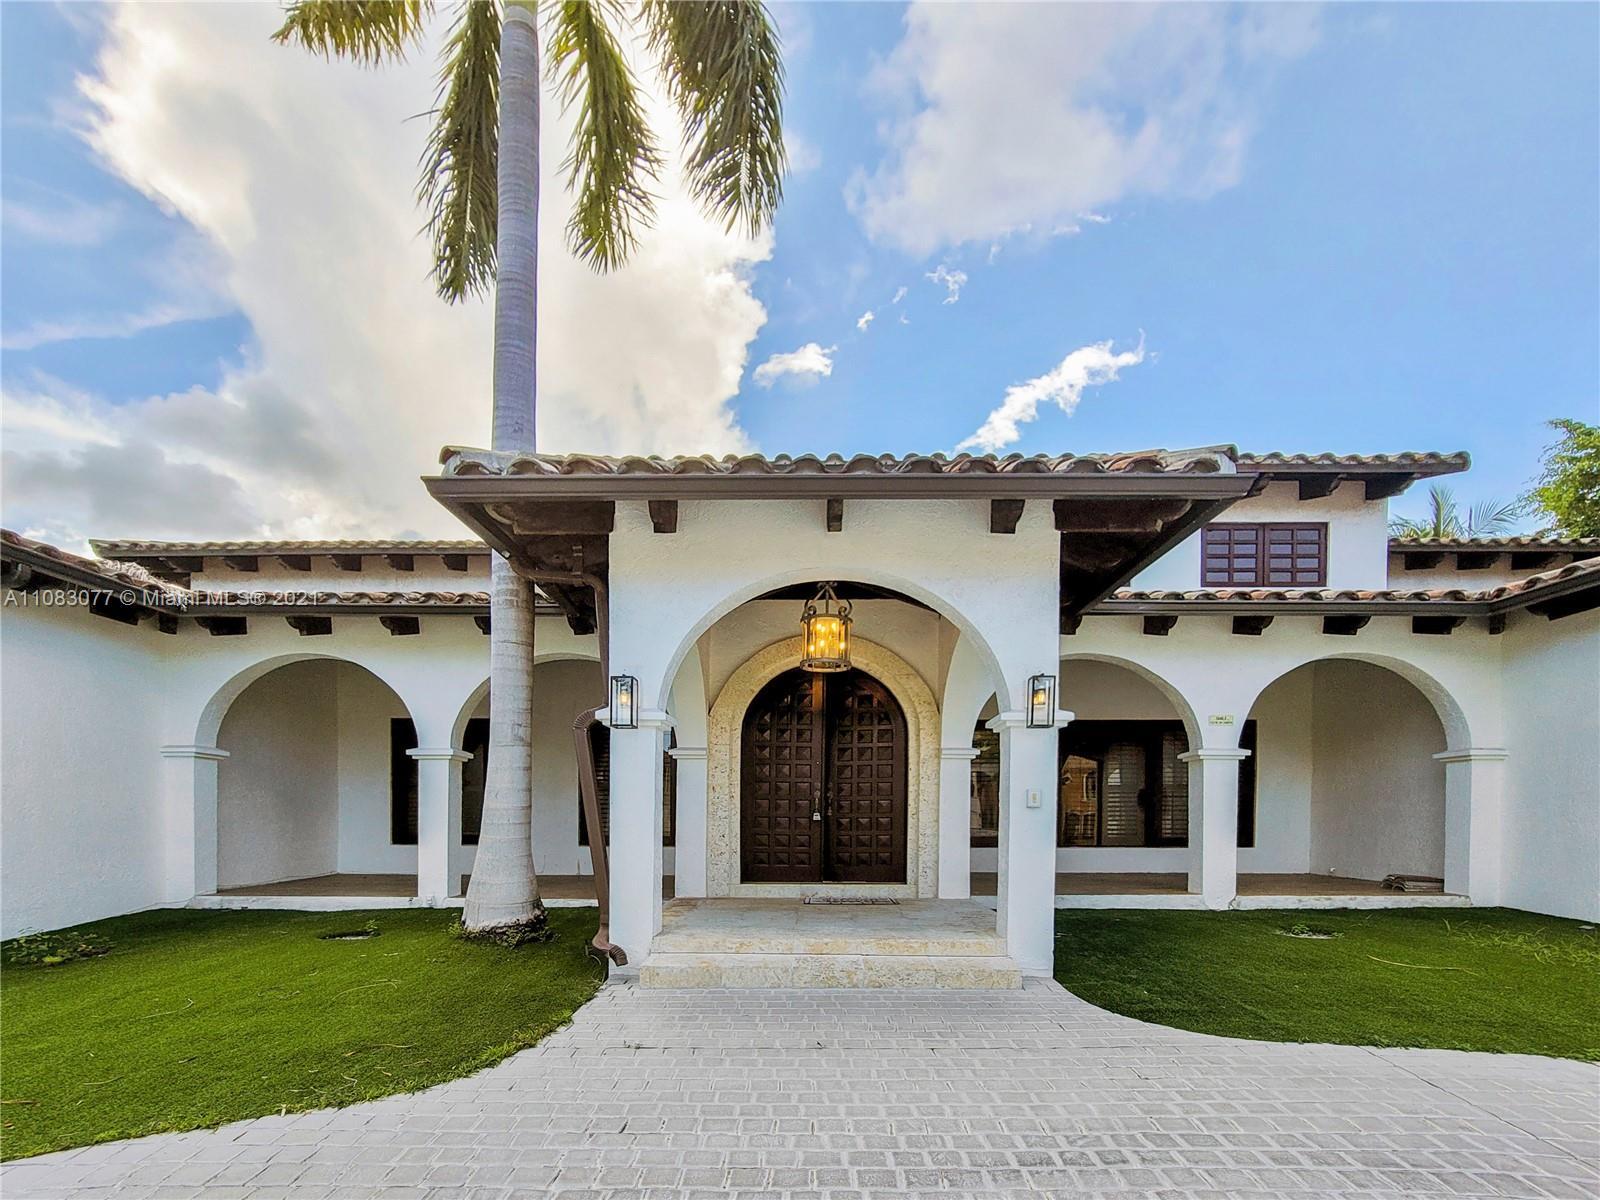 16750 35th Ave, North Miami Beach, Florida 33160